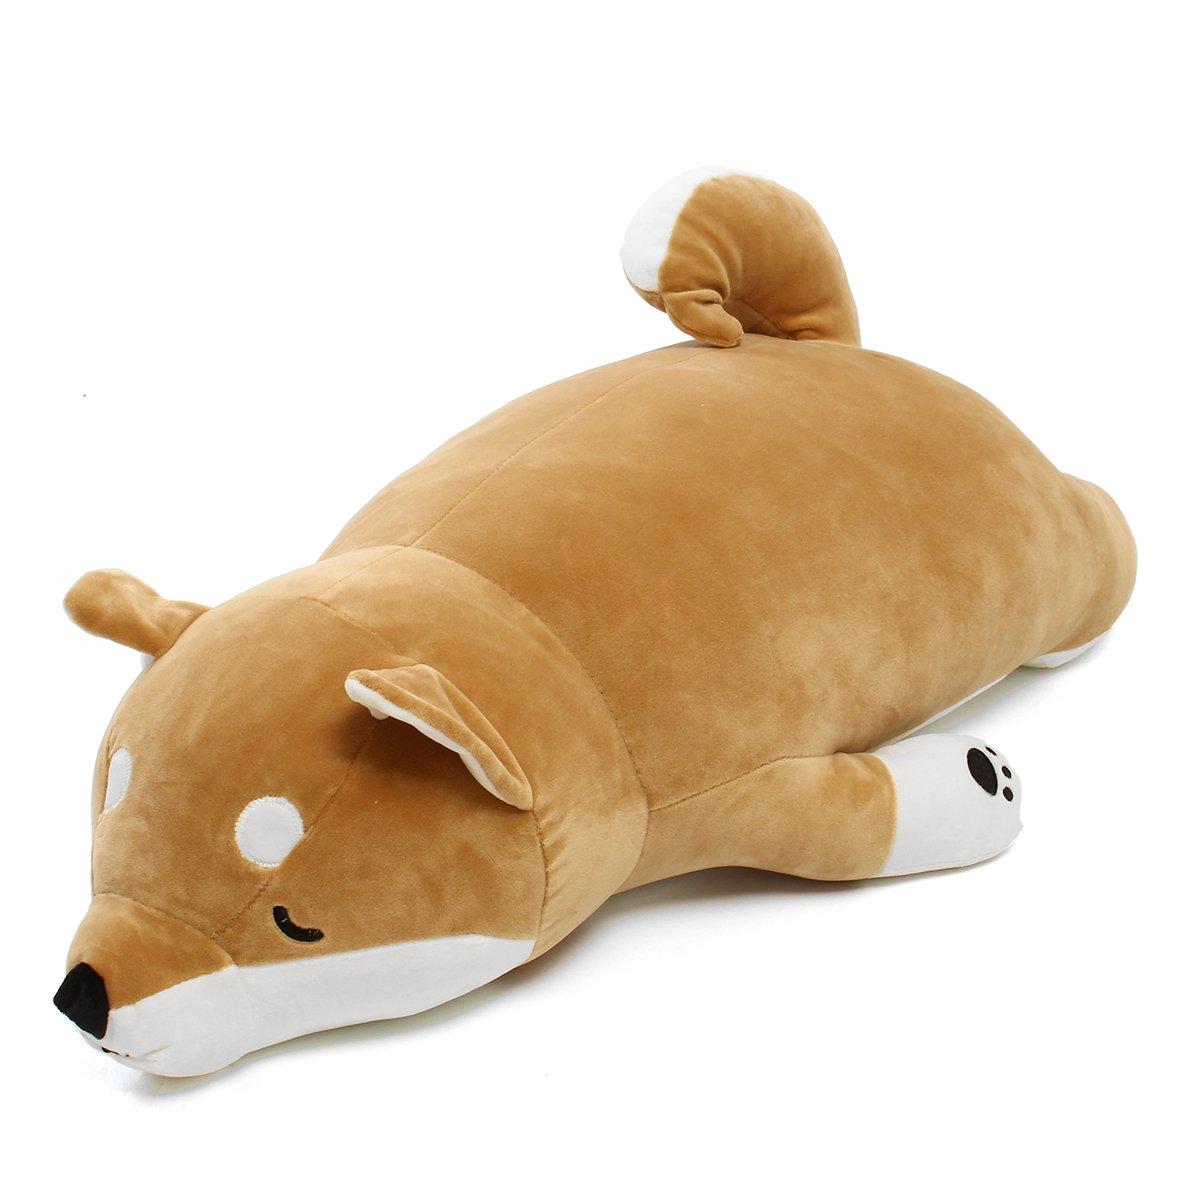 barato y de alta calidad Jumbo - Almohada de Felpa para Perro de 90 cm cm cm con diseño de Anime Shiba Inu  bajo precio